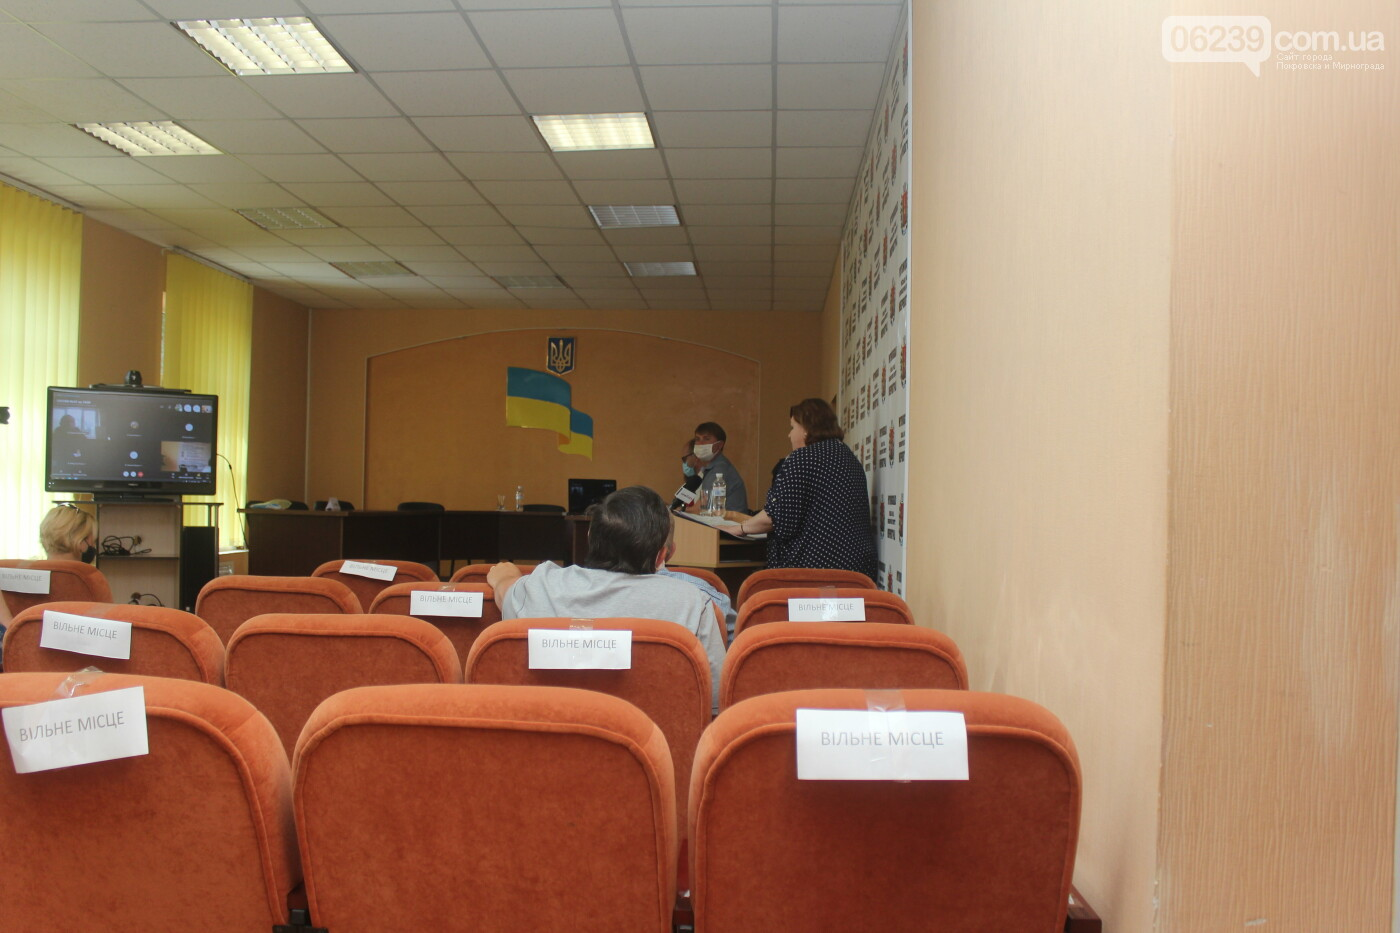 Изменения в бюджете и передача продуктов на баланс местной больницы: в Мирнограде состоялась очередная сессия горсовета, фото-6